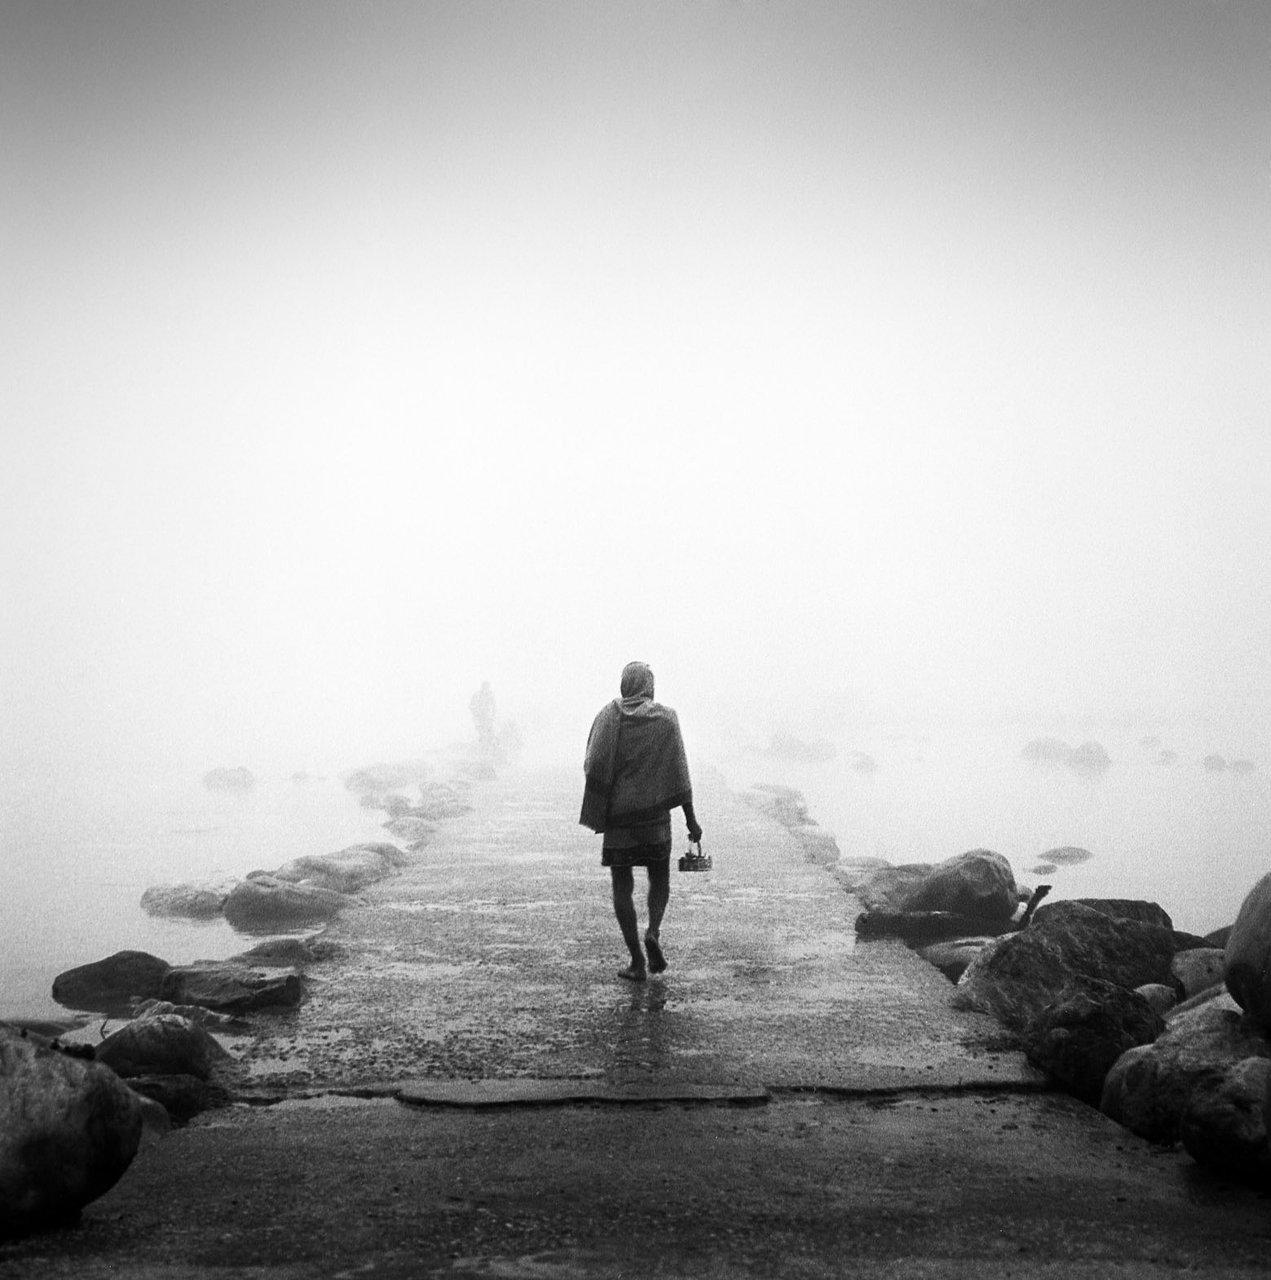 Morning mist, Rishikesh